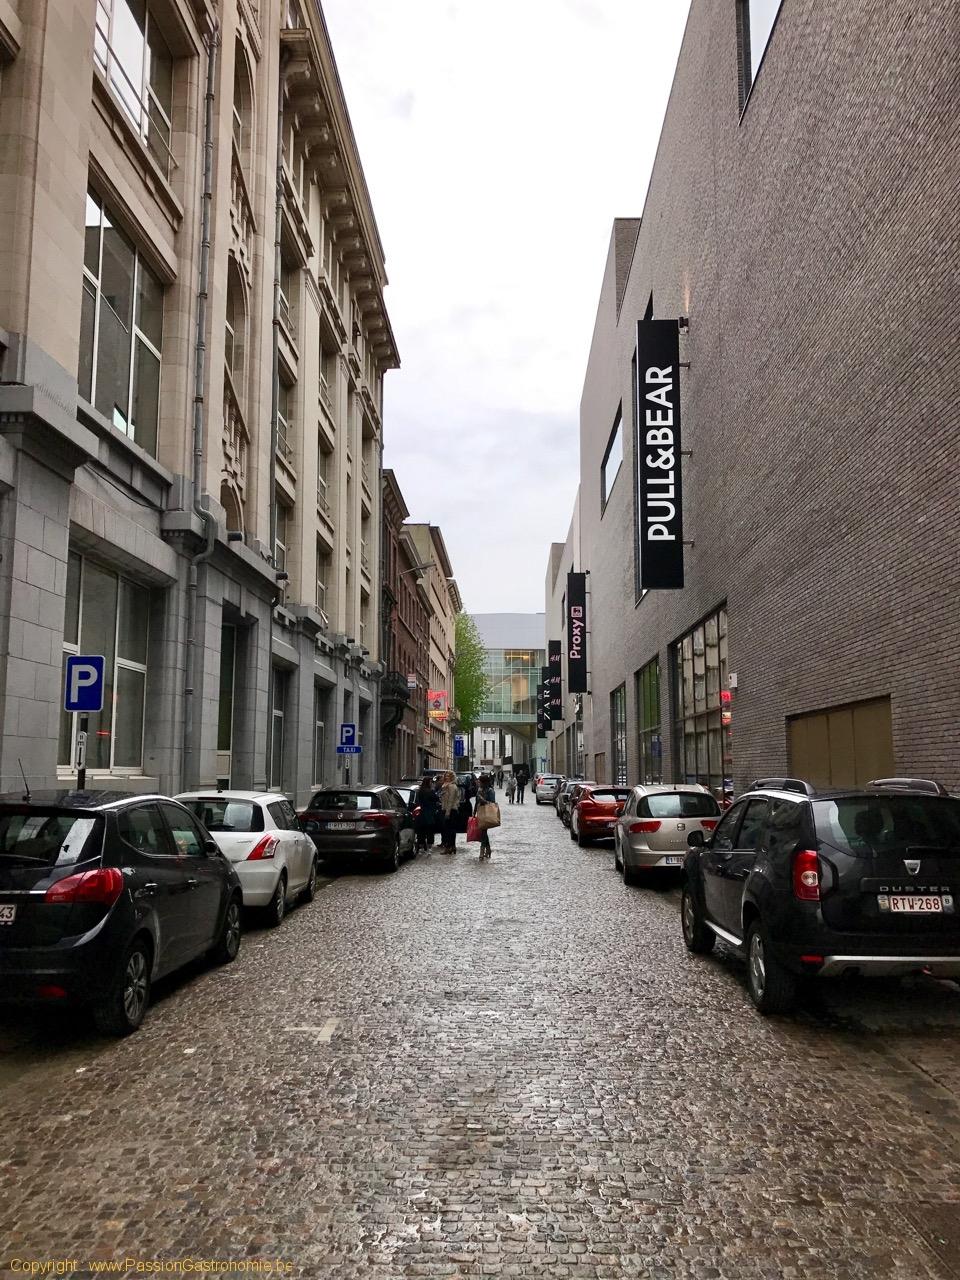 Restaurant Au Provencal - Rue Puissant d'Agimont